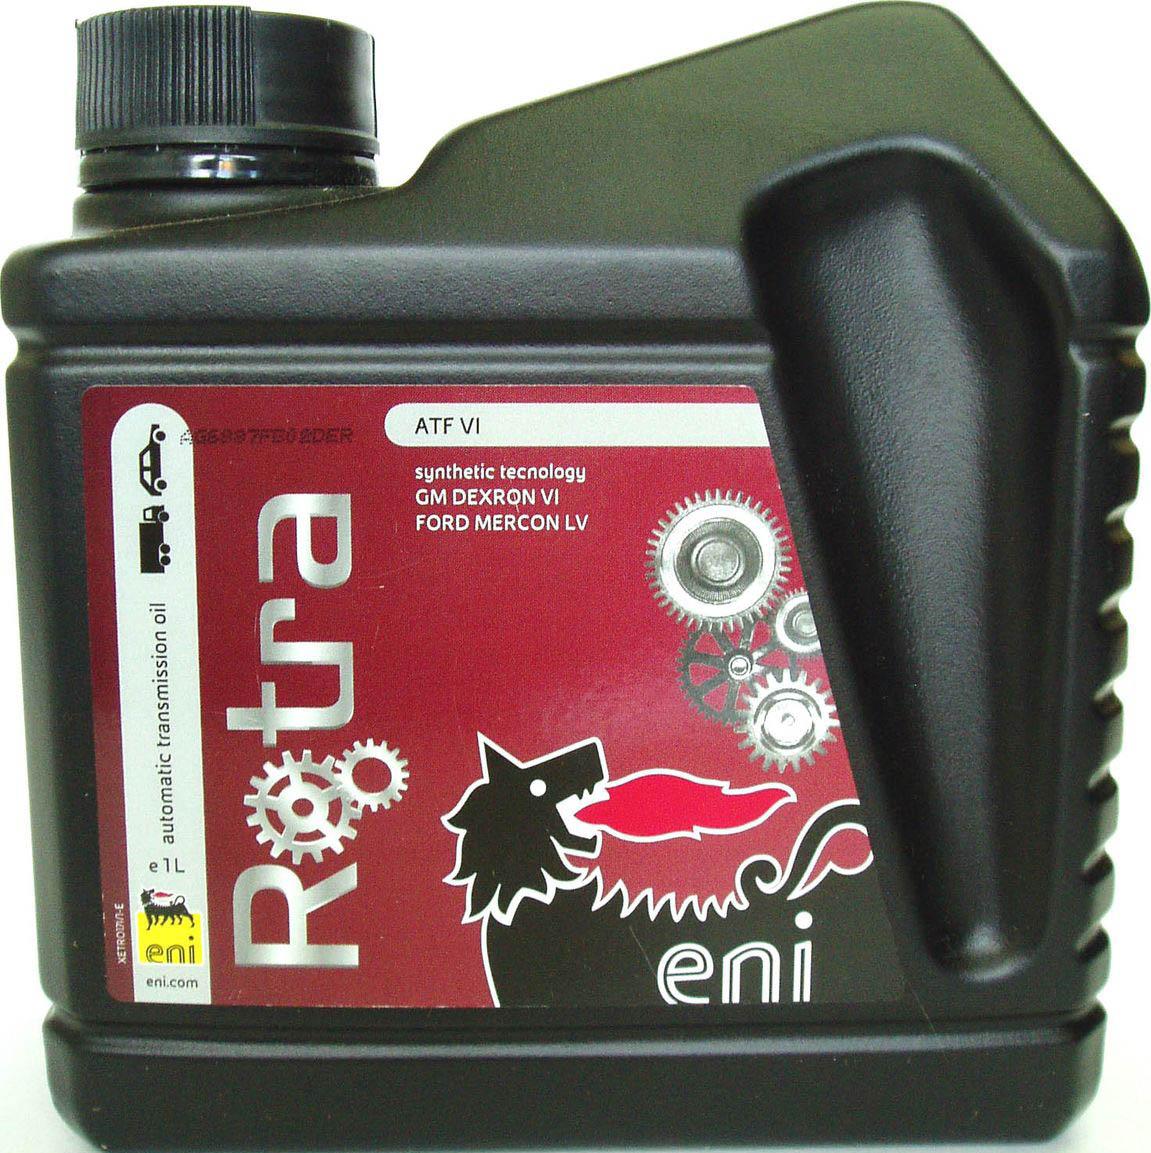 трансмиссионное масло Eni Rotra ATF VI 1лкн12-60авцЕni Rotra ATF VI – это маловязкое синтетическое масло, обладающее высокими эксплуатационными характеристиками, разработанное на основе синтетических базовых масел класса премиум, с использованием усовершенствованной технологии добавления присадок, результатом чего стало превышение жестких требований, предусматриваемых спецификацией GM DEXRON-VI, необходимых для оптимального использования в пассажирских и грузовых автомобилях, оборудованных основной коробкой передач. Масло Еni Rotra ATF VI является полностью совместимым с прочими смазочными материалами, благодаря чему оно рекомендовано для использования в автоматических коробках передач или системах рулевого управления с усилителем пассажирских и грузовых автомобилей, параметры масла которых должны соответствовать спецификациям DEXRON II-E, III-G и III-H. Еni Rotra ATF VI демонстрирует чрезвычайную устойчивость к окислению в тяжелых условиях, что обеспечивает плавность переключения передач и надолго предотвращает образование шлаков и отложений. Противовспенивающие свойства указанной продукции предотвращают образование пузырьков воздуха, которые могут оказывать негативное воздействие на однородность смазывающего слоя, и обеспечивают быстрый выпуск воздуха. Противоизносные свойства указанной продукции обеспечивают надежную защиту и безопасность системы трансмиссии. Еni Rotra ATF VI обладает оптимальными фрикционными свойствами, обеспечивающими плавное переключение скоростей в условиях низких температур и помогающими предотвратить вибрацию коробки передач. Характеристики Спецификации и одобрения GM DEXRON VI H, JWS 3324, FORD MERCON LV, MITSUBISHI SP-IV, JASO 1-A, MITSUBISHI ATF-J2, AISIN WARNER AW-1, NISSAN MATIC S, HONDA DW-1, SAAB 93 165 147, HYUNDAY/KIA SP-IV, TOTYOTA WS, HYUNDAY NWS-9638